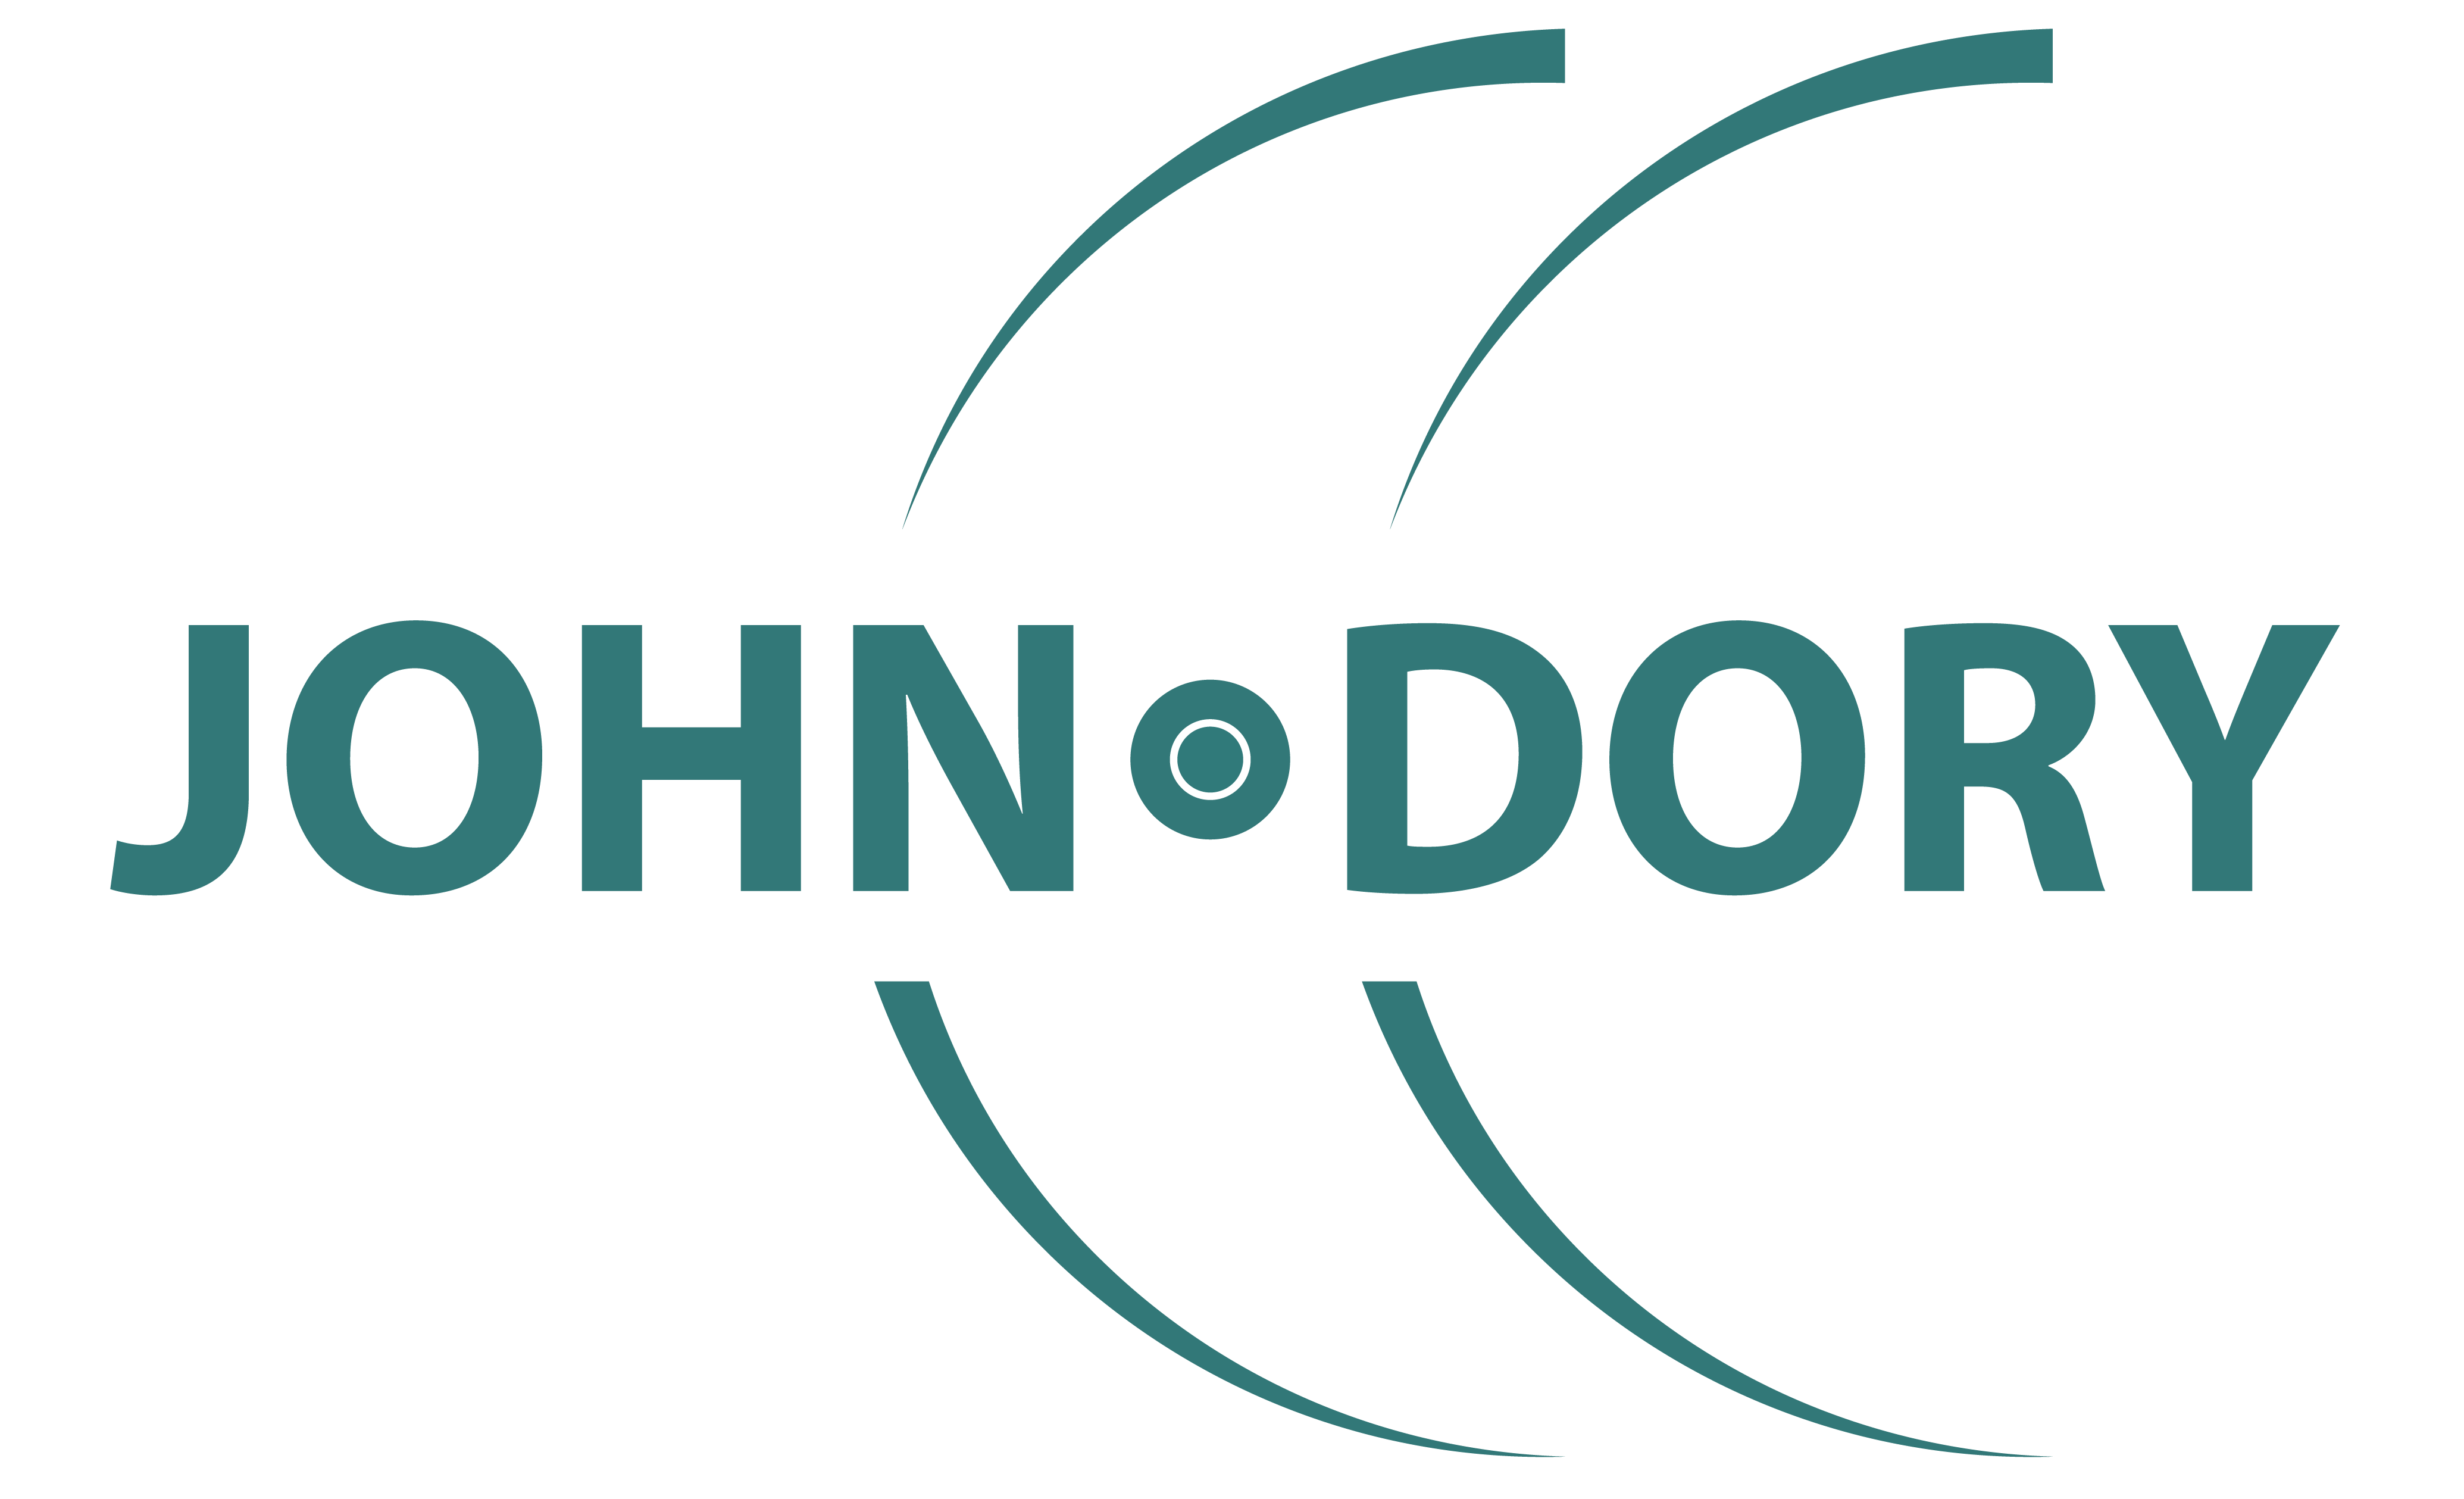 JohnDory